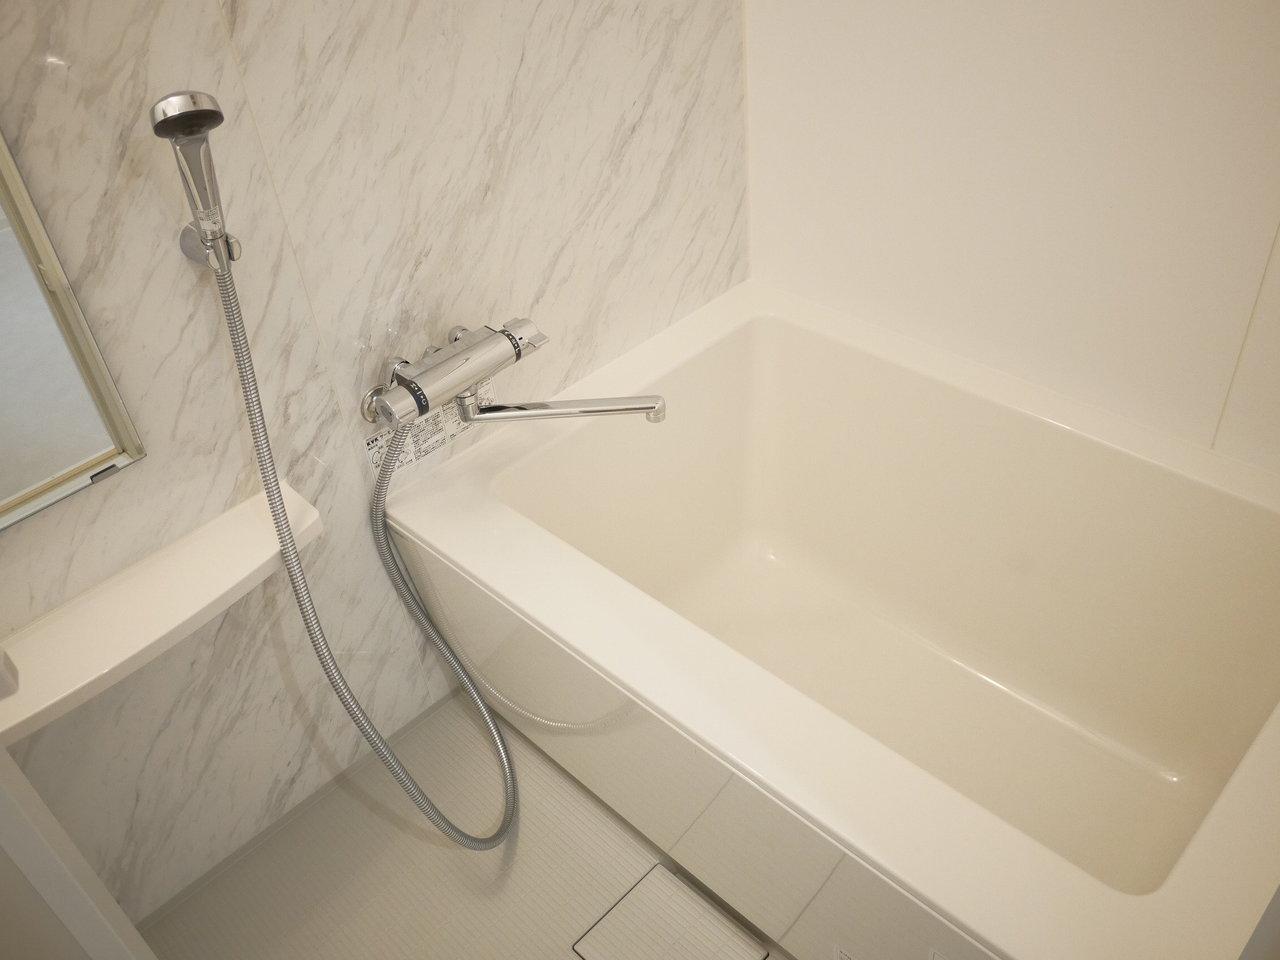 浴室もゆったりサイズ。これまでシャワーで済ませてしまっていた方も、この広さなら毎日お風呂に入りたくなってしまうかも。1日の疲れをしっかり癒してくださいね。